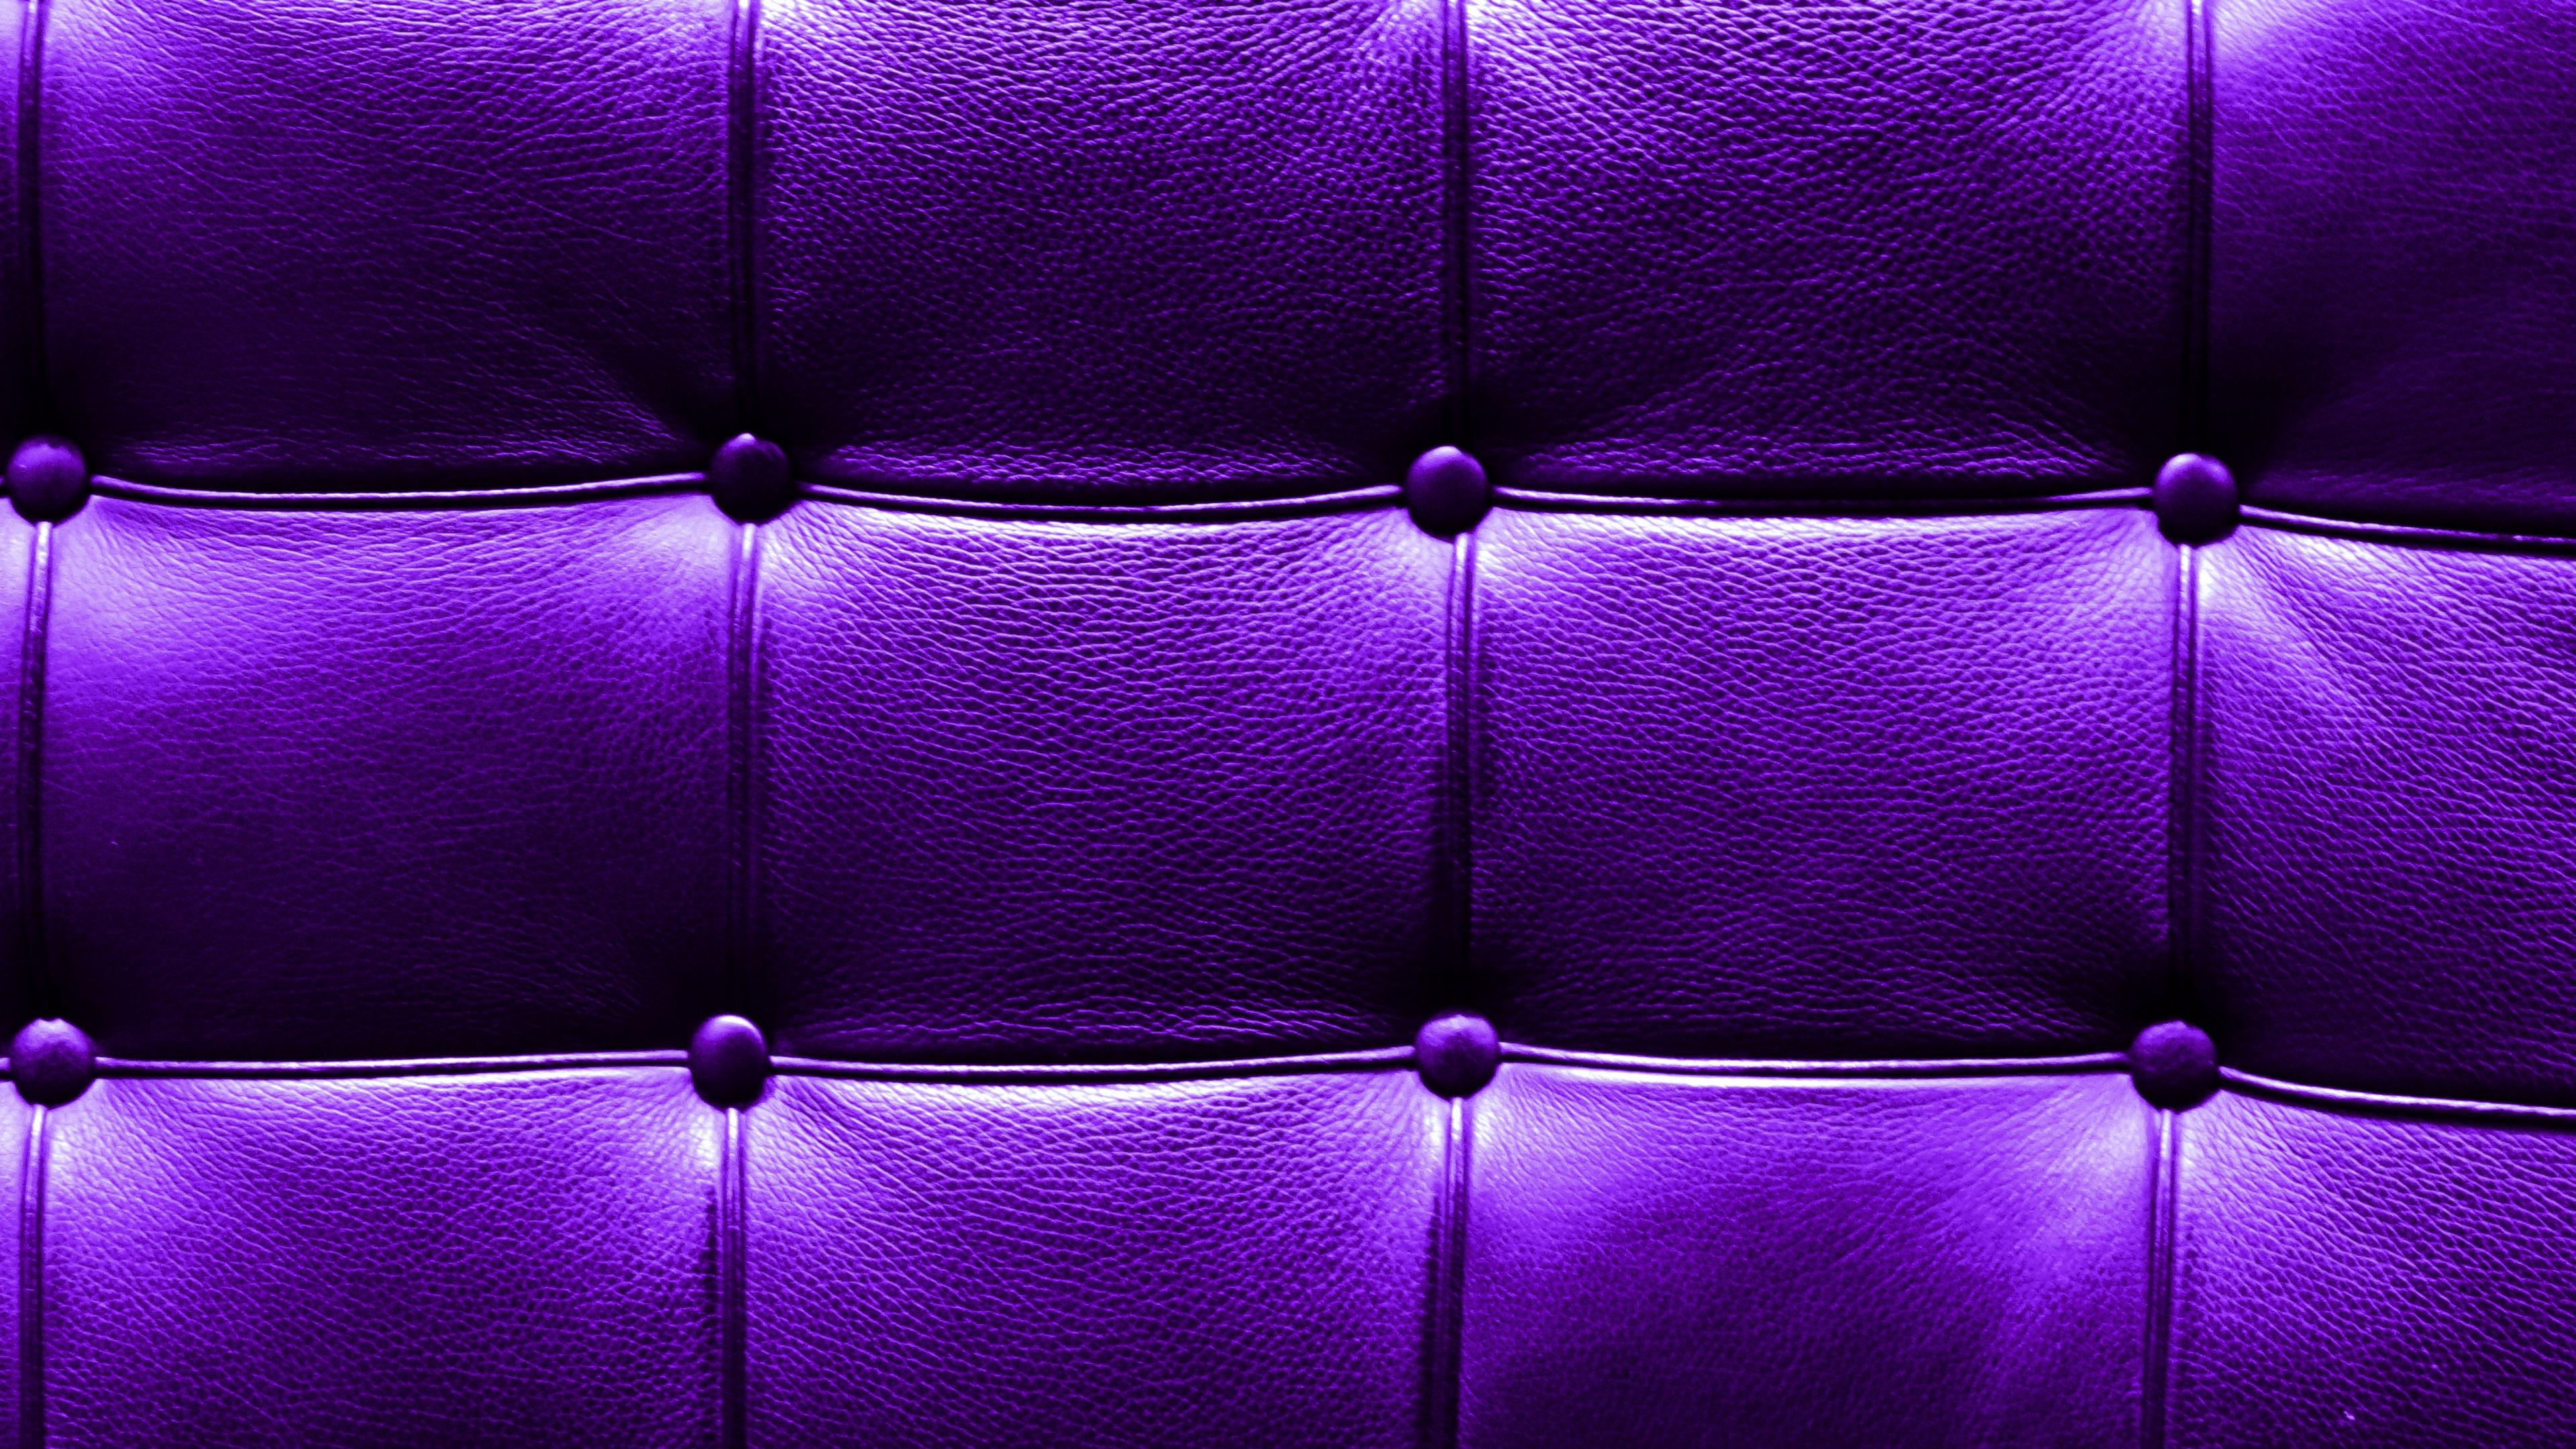 violet leather background 4k 1536097859 - violet, leather, background 4k - Violet, leather, Background